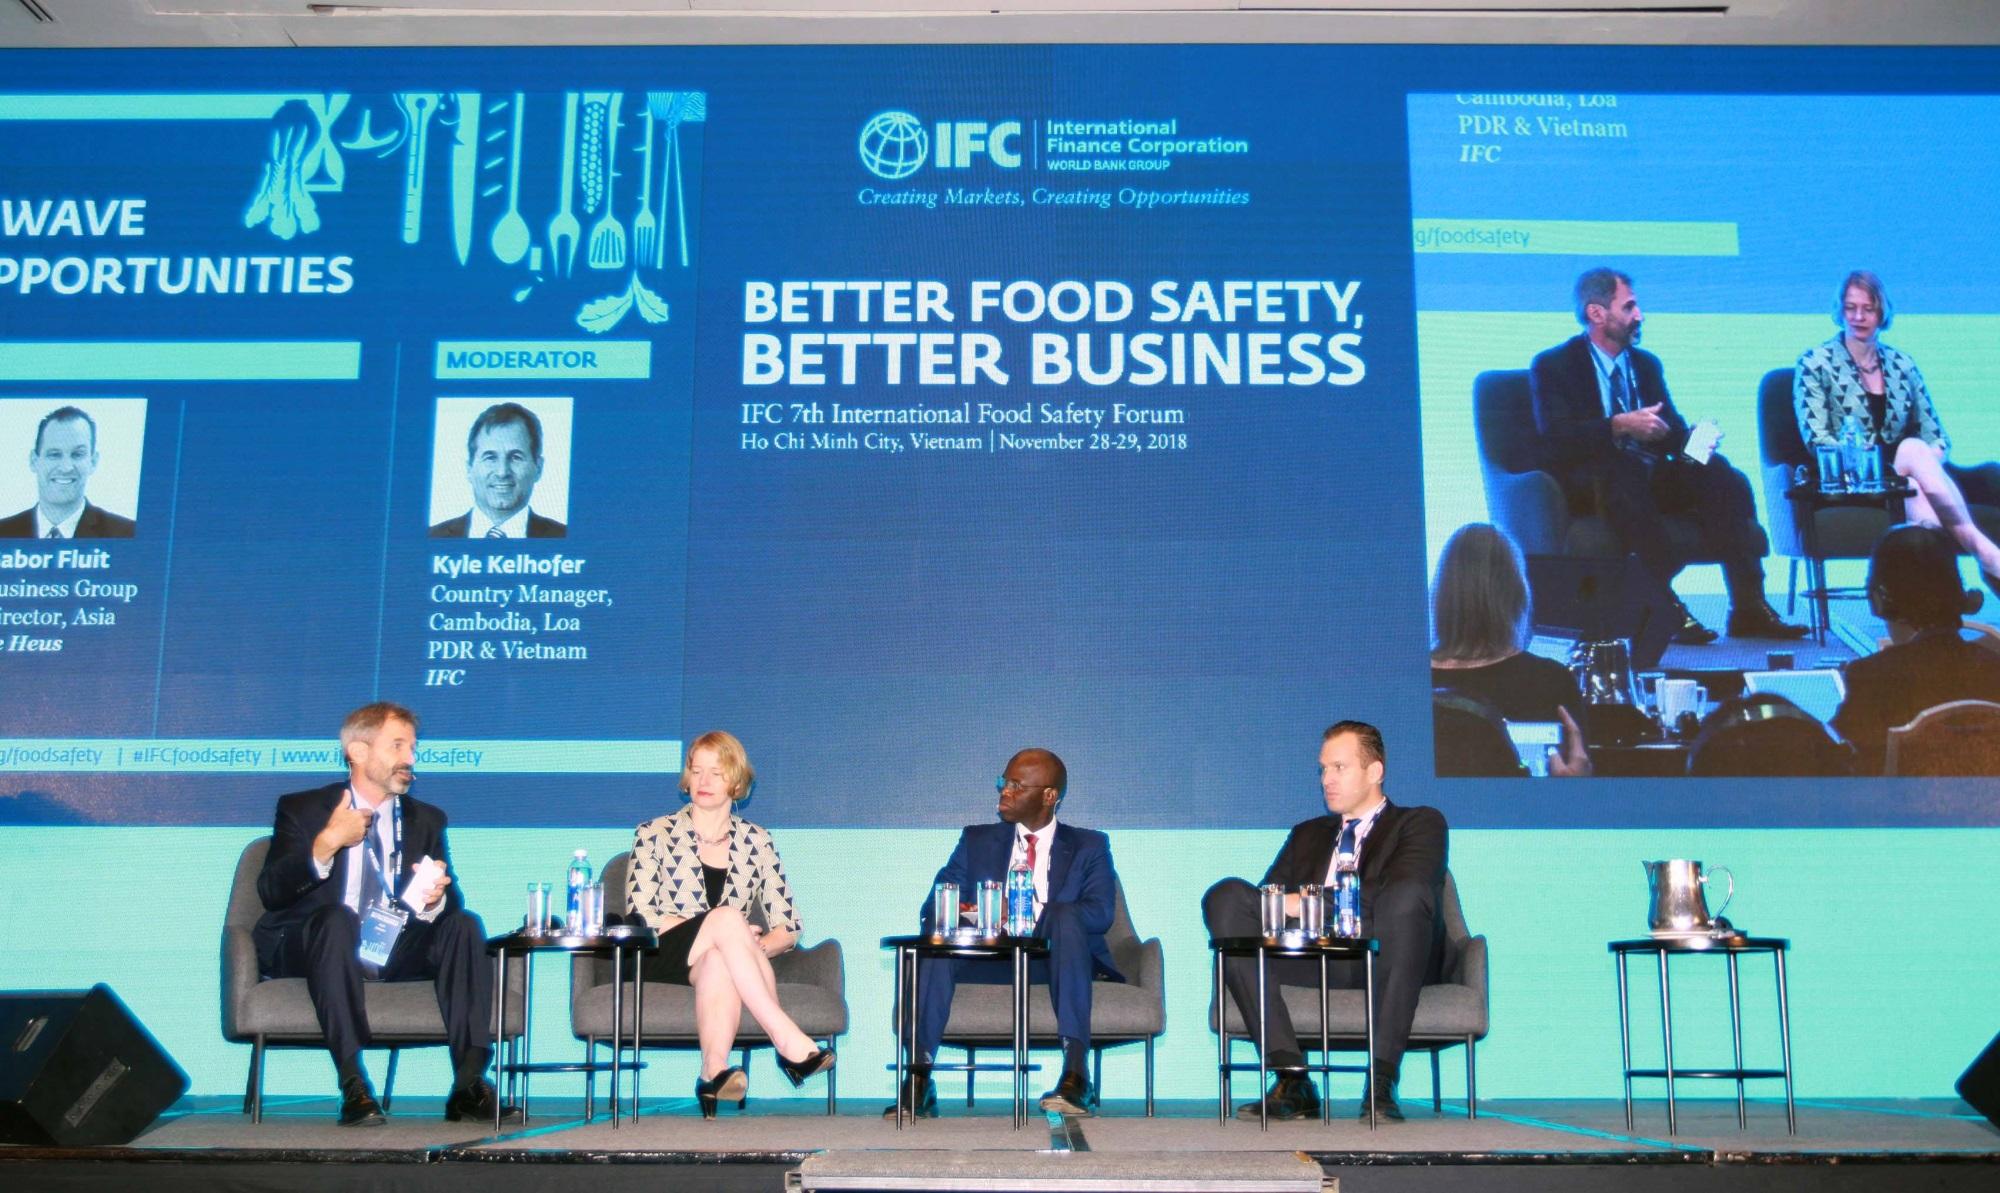 Việt Nam thiệt hại khoảng 700 triệu USD/năm vì mất an toàn thực phẩm - Ảnh 1